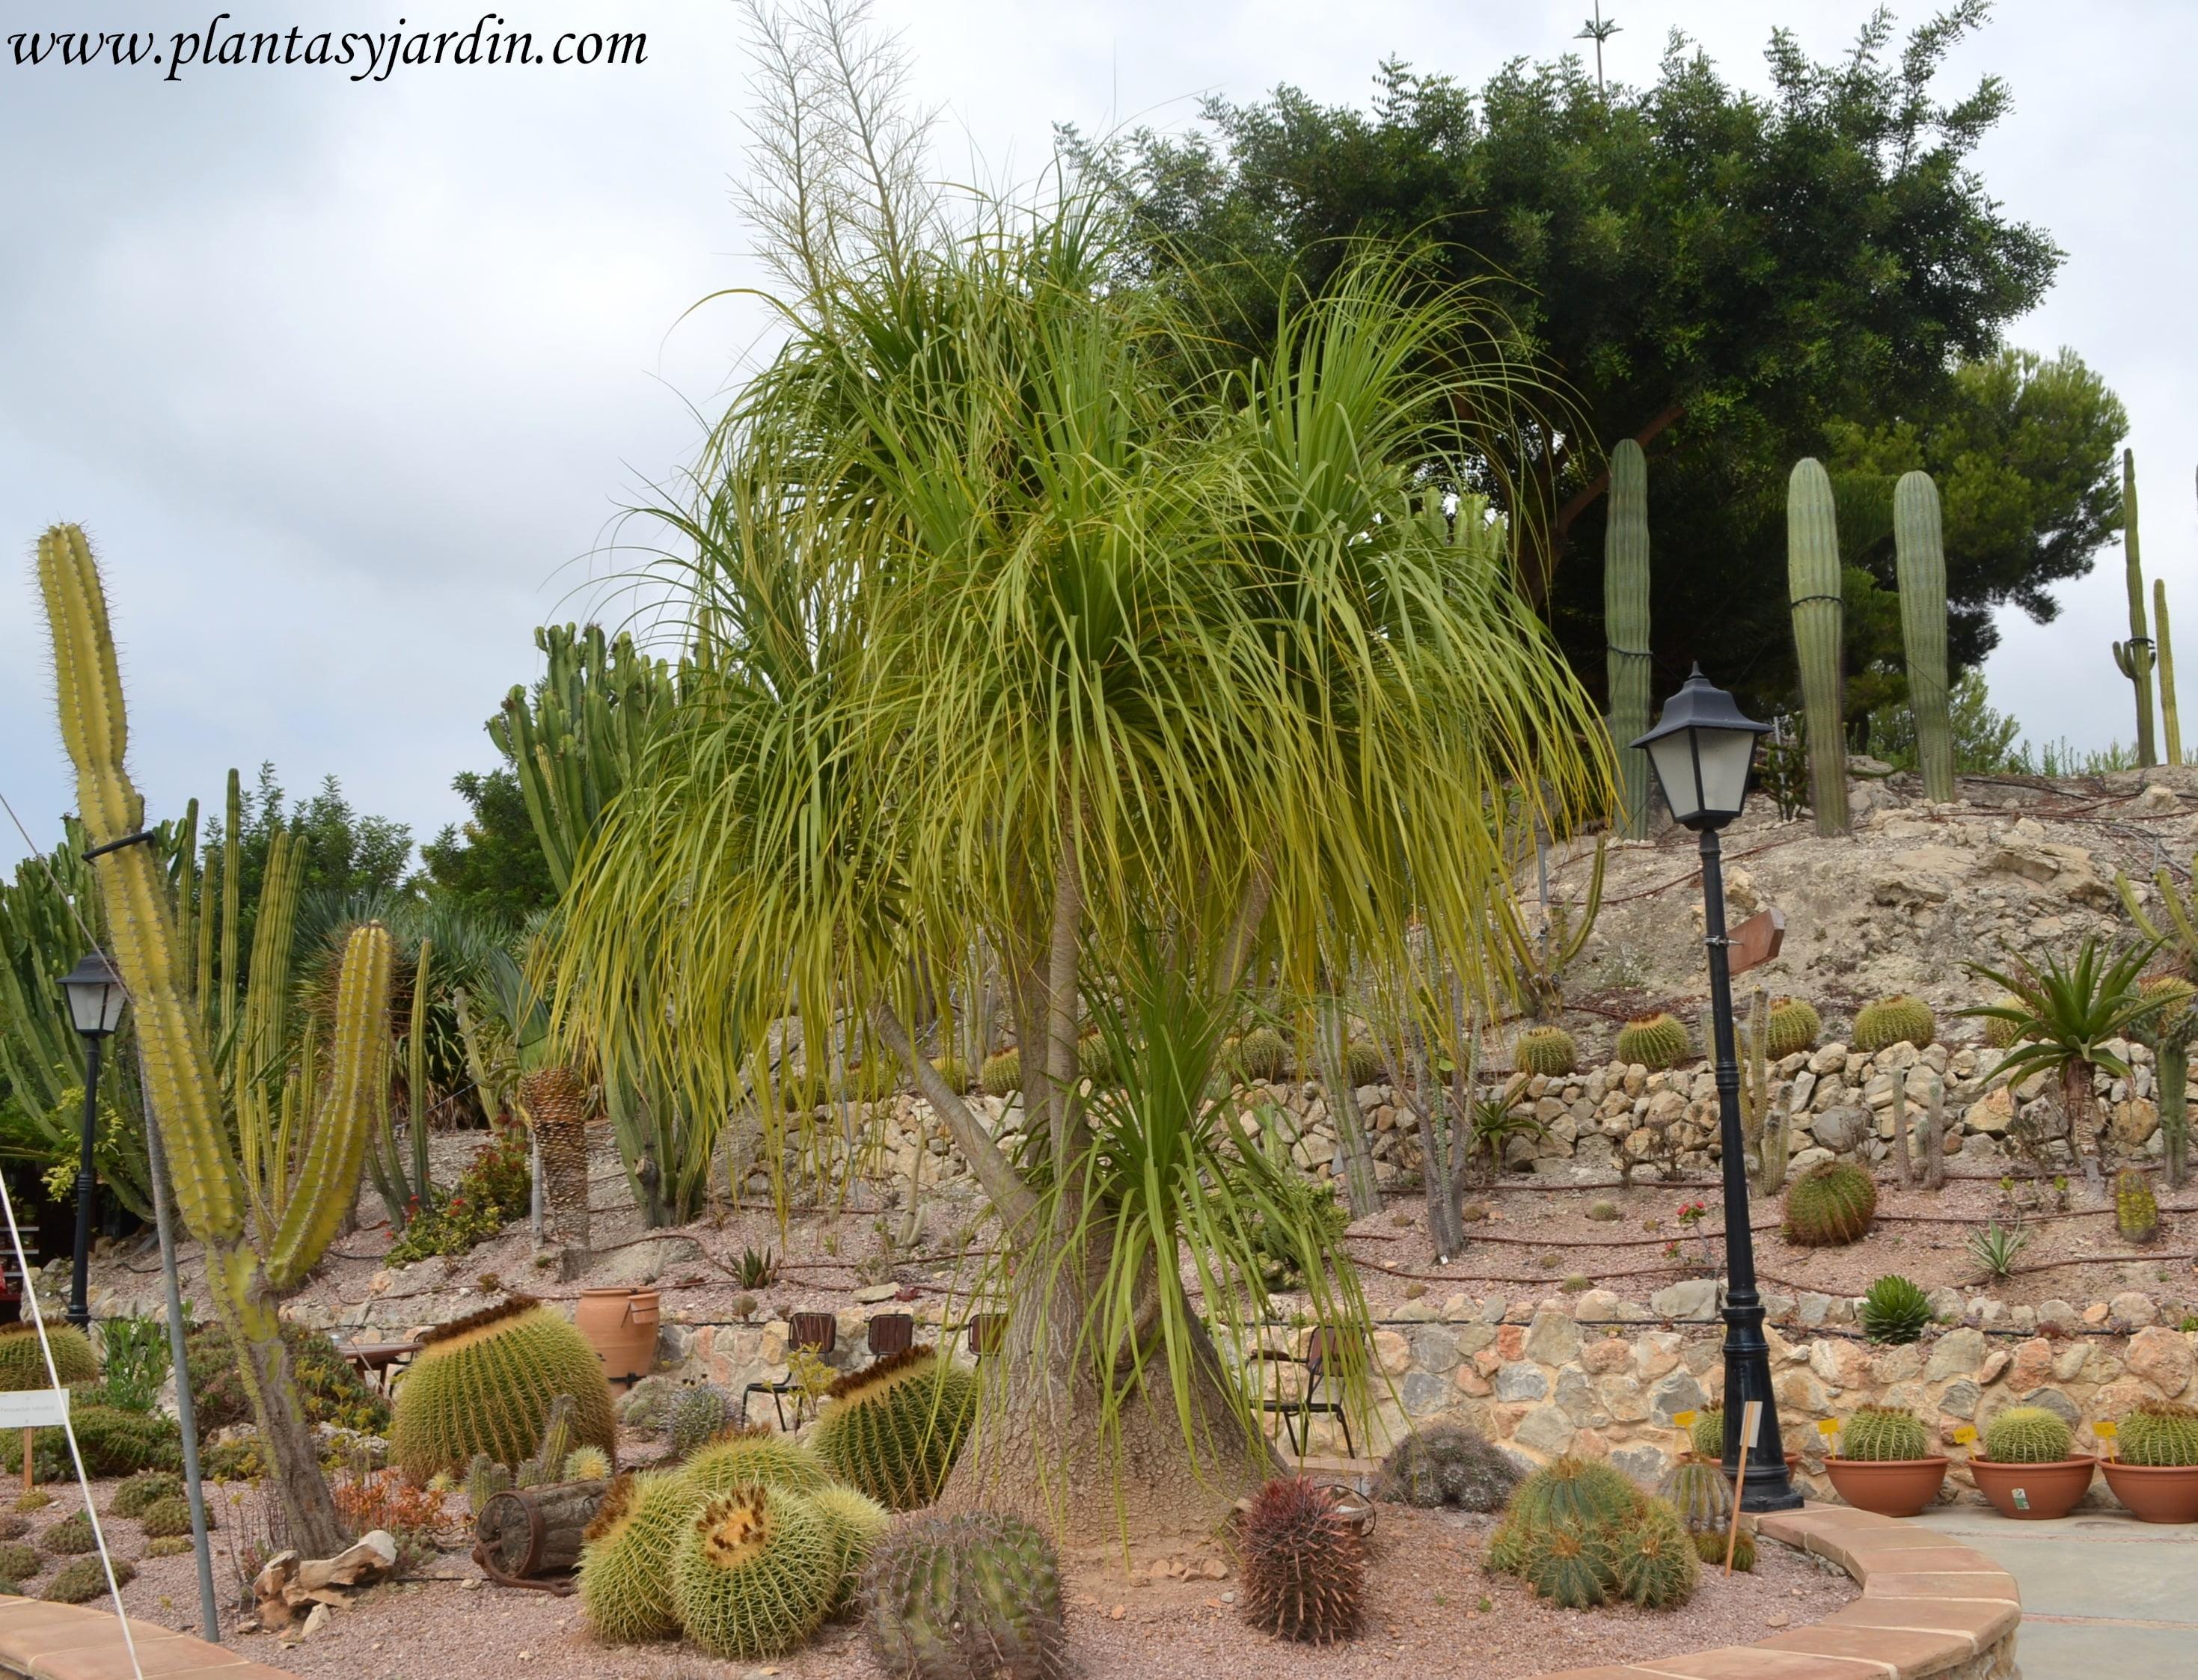 rboles ornamentales para Jardines peque os